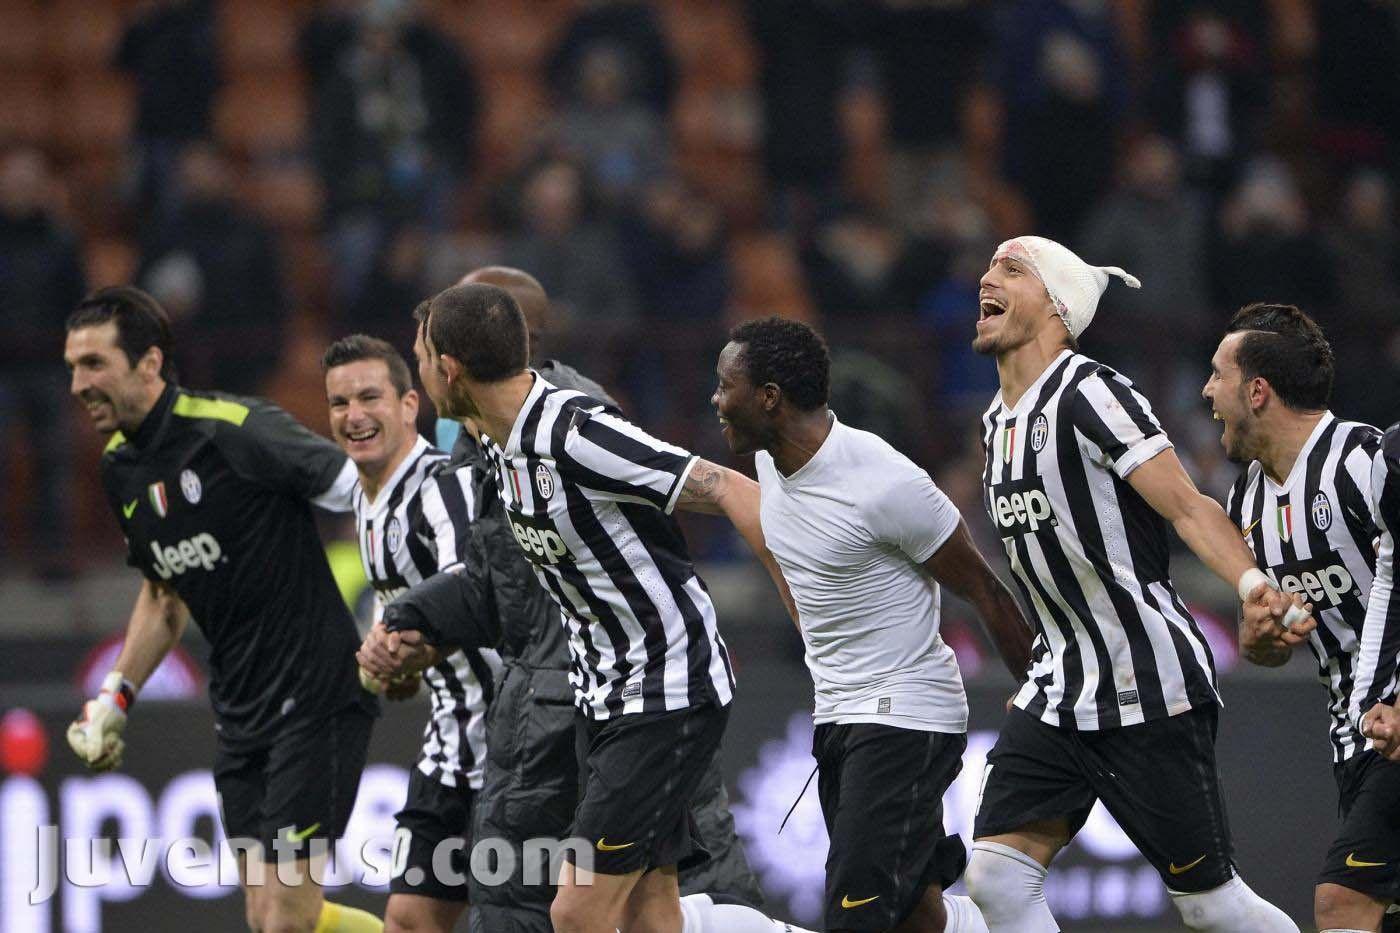 Milan - Juventus 0-2 Grazie ragazzi!!!